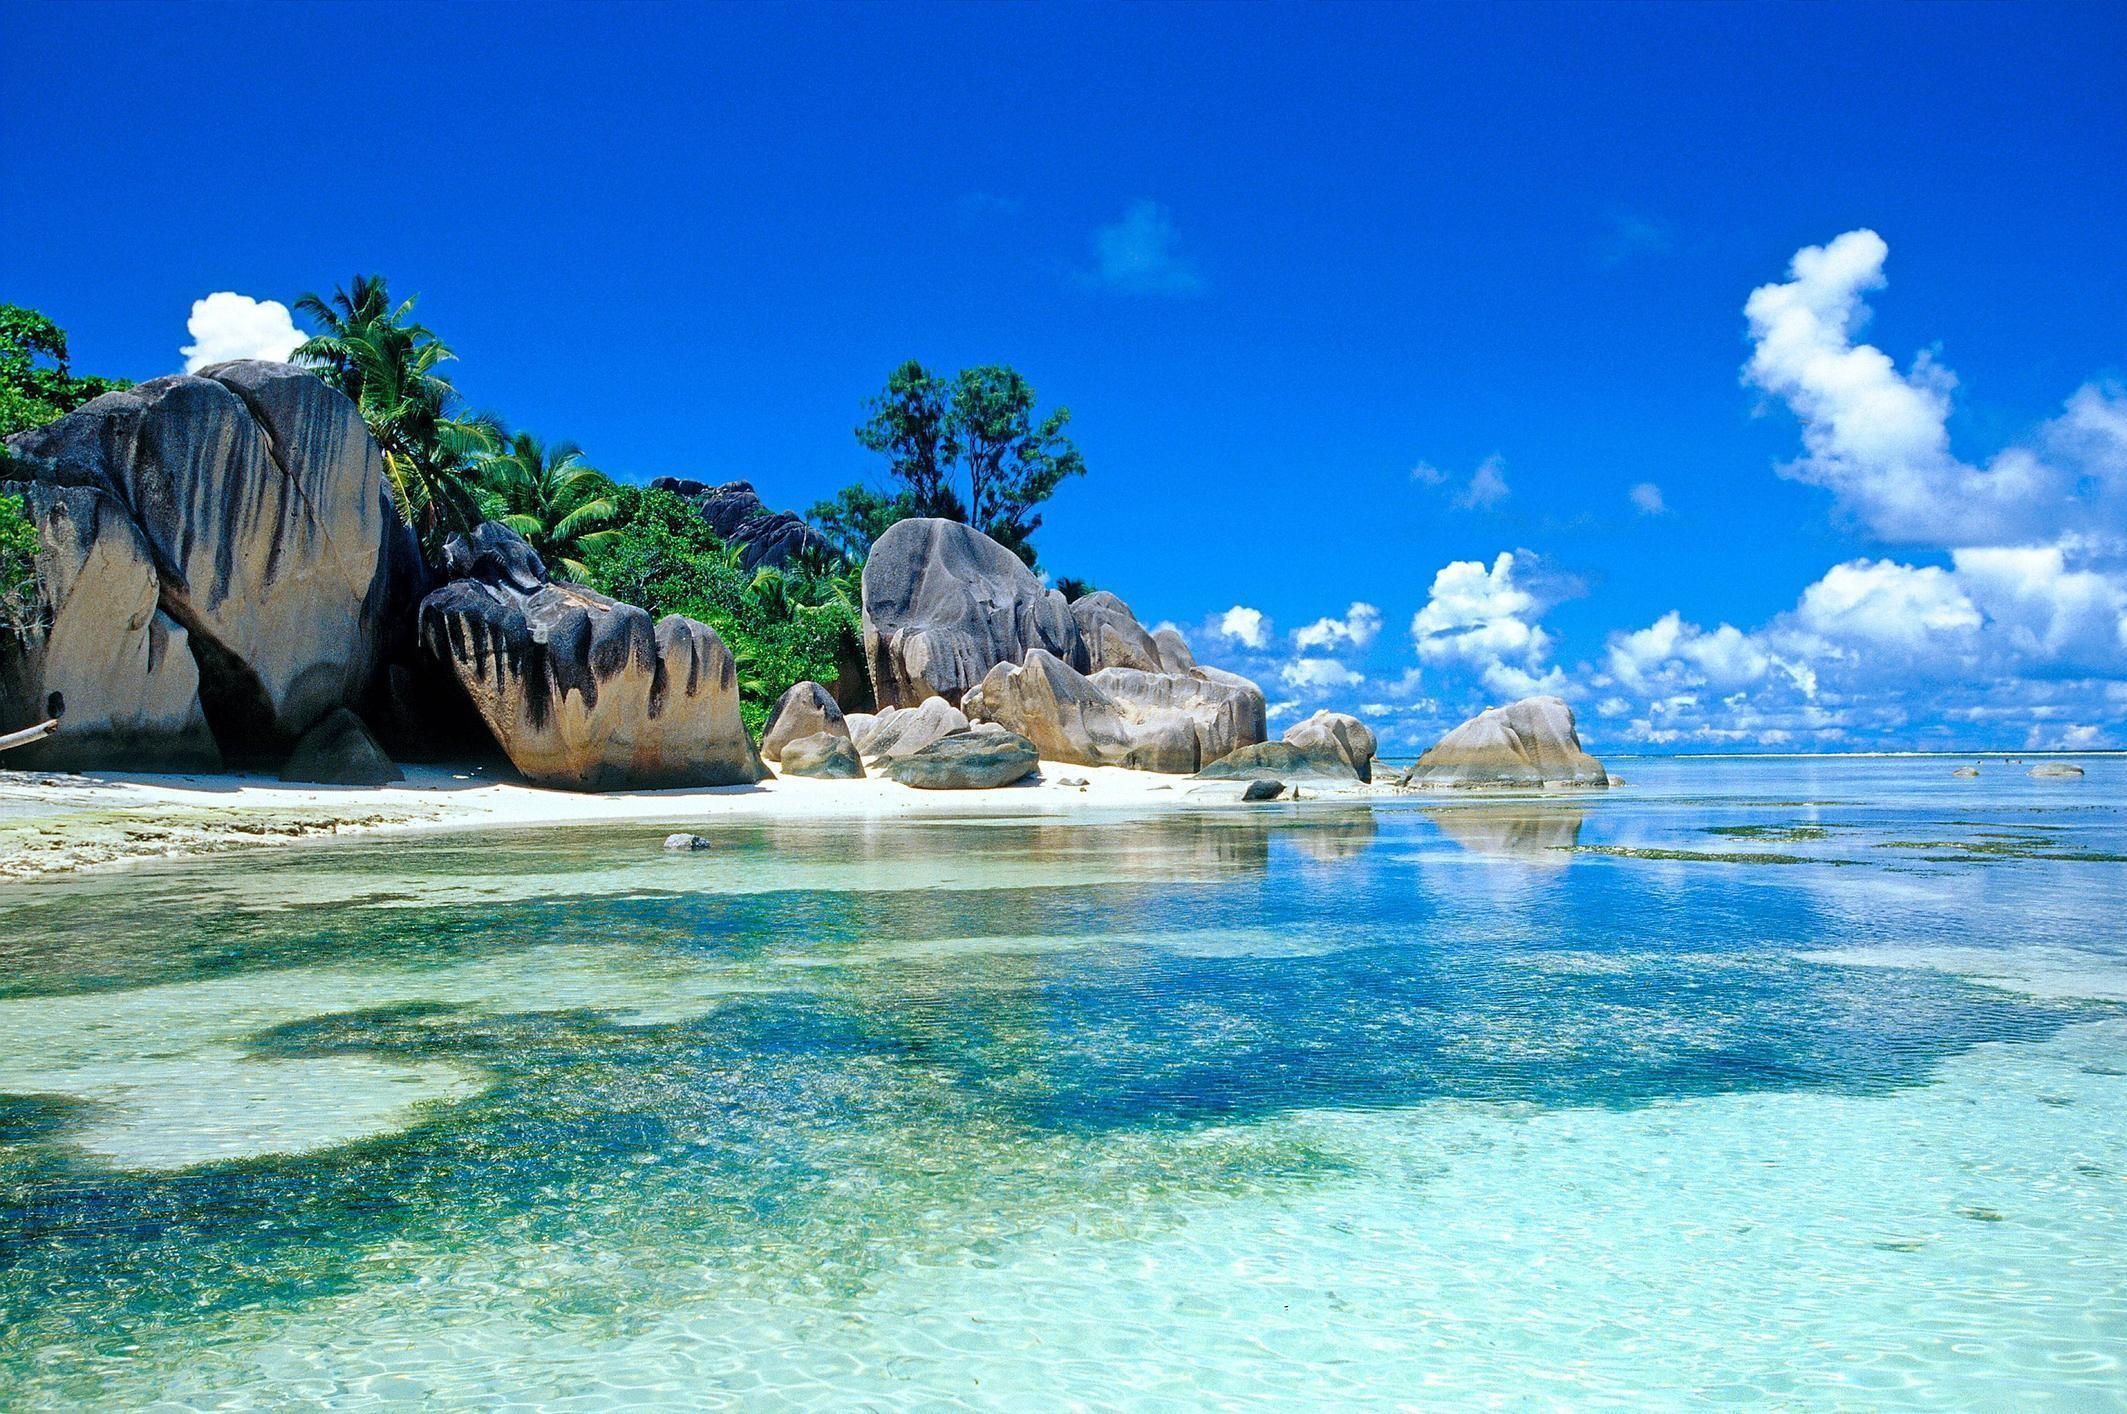 Beautiful Ocean Desktop Wallpaper Images & Pictures – Becuo